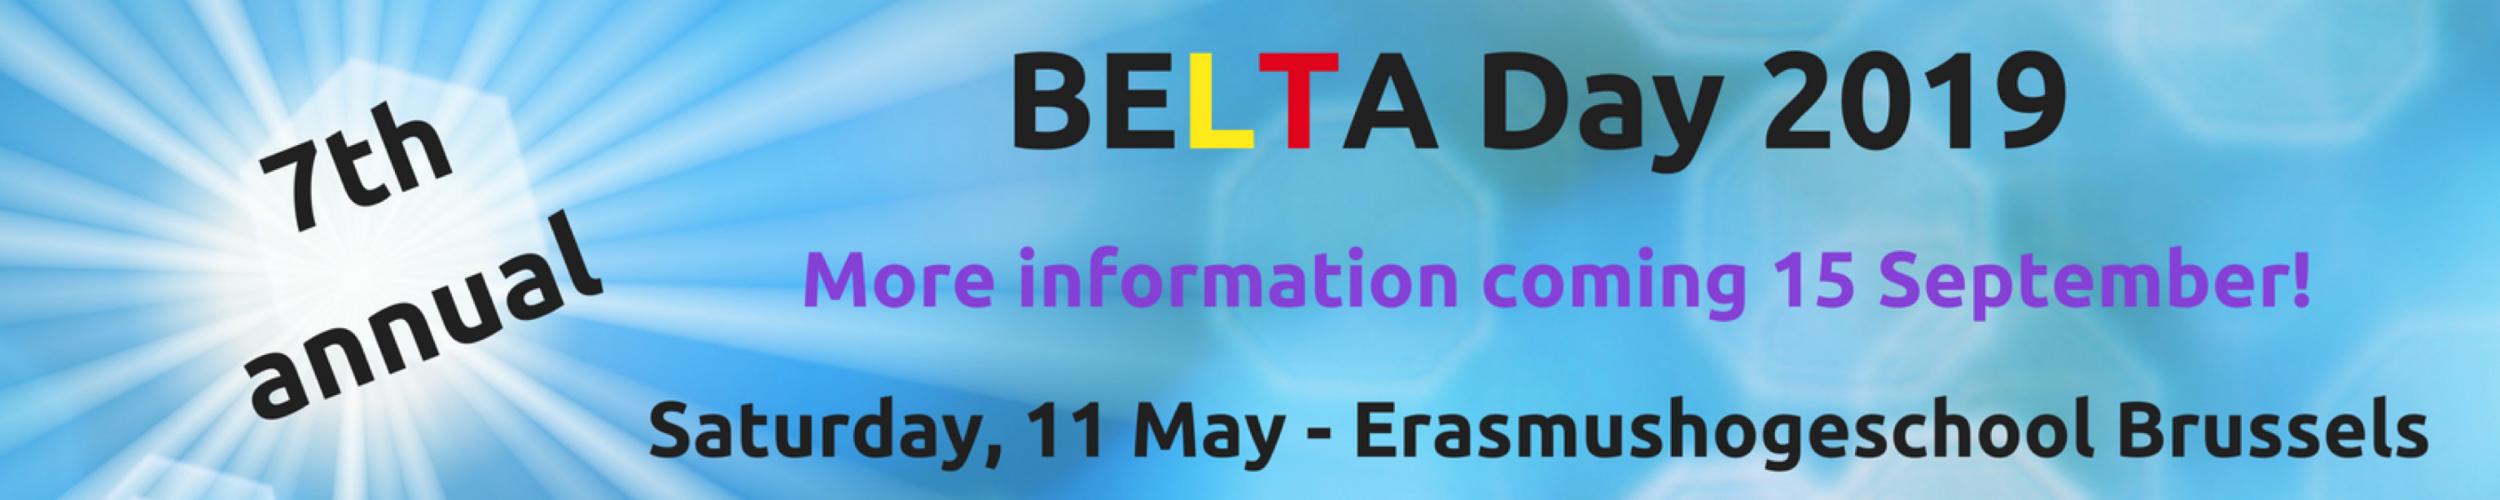 BELTA Day 2019